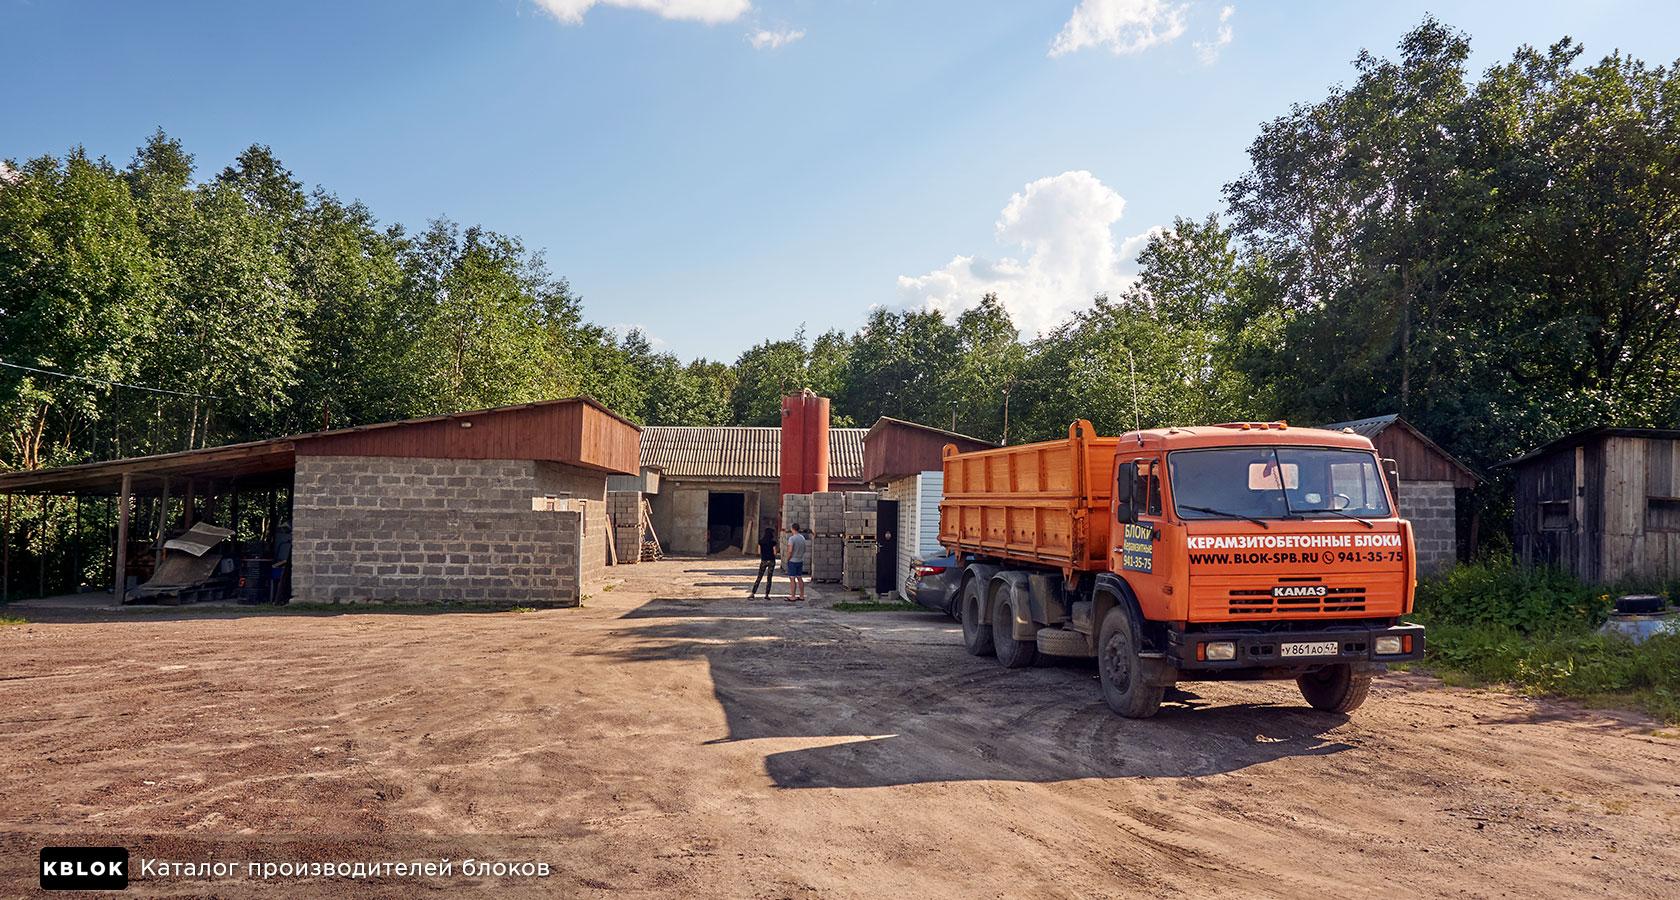 Керамзитобетонные блоки в Санкт-Петербурге от компании Юнитстрой